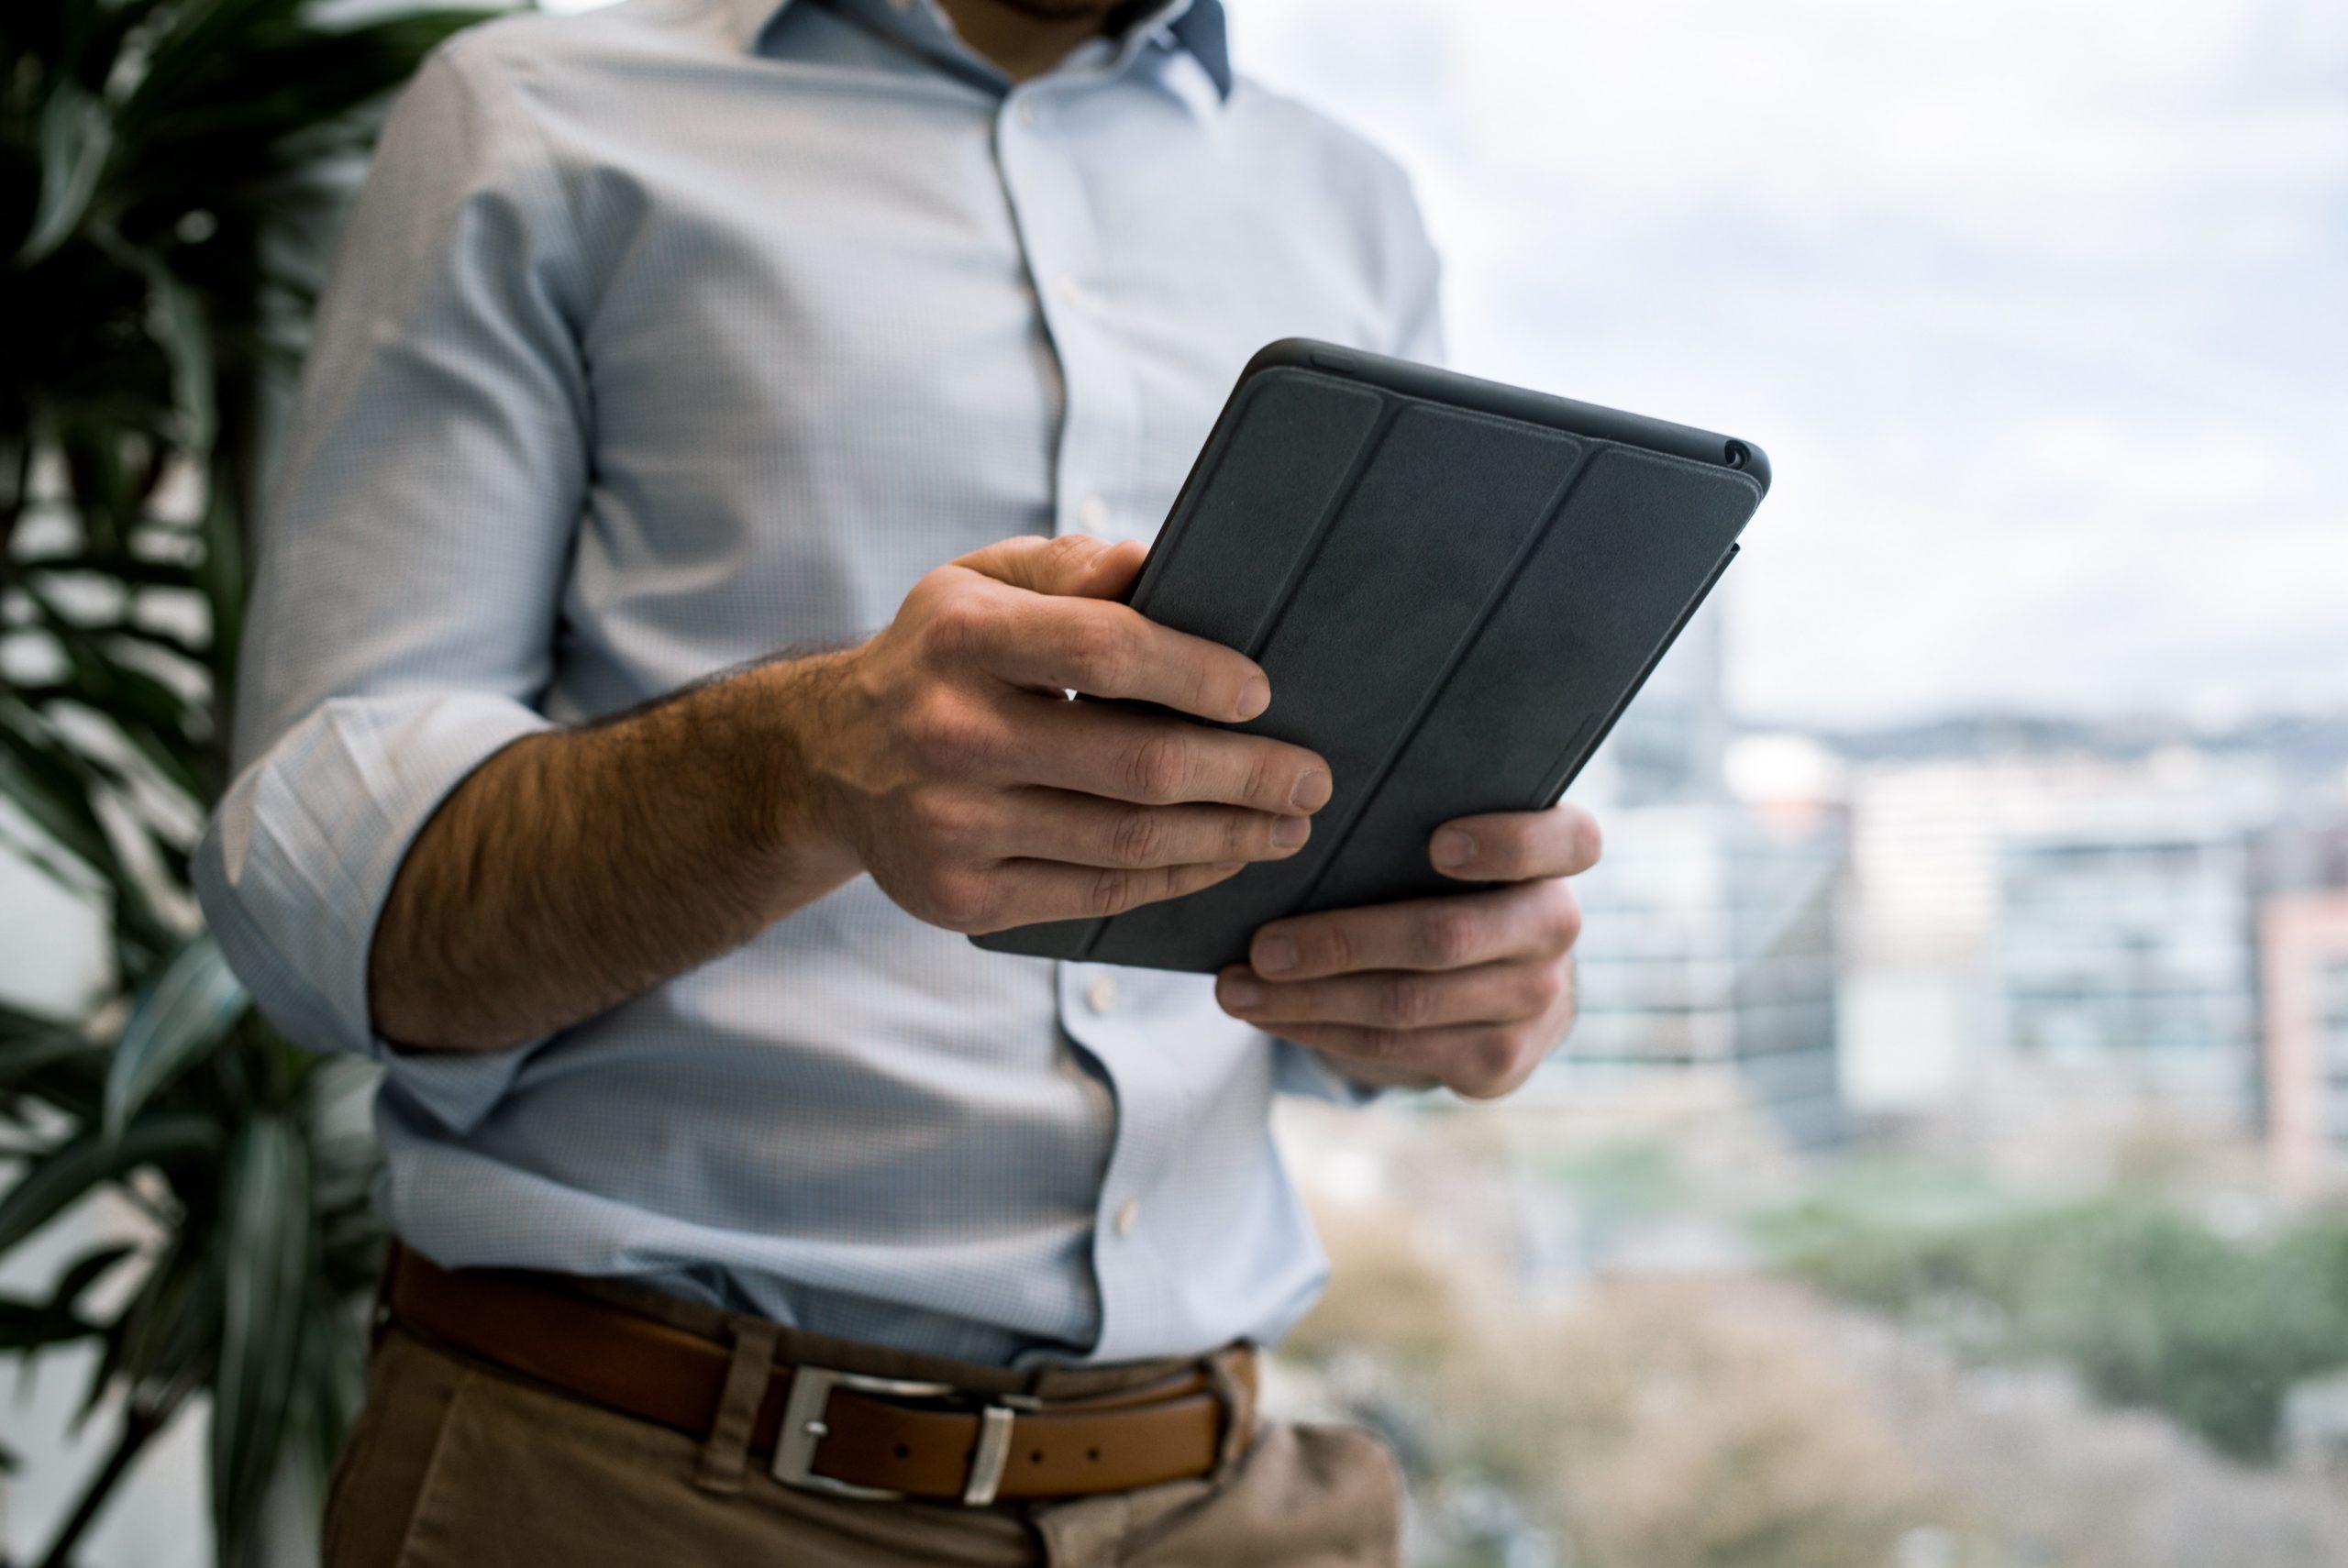 betriebsanweisungen unterweisen - digital und einfach dokumentiert